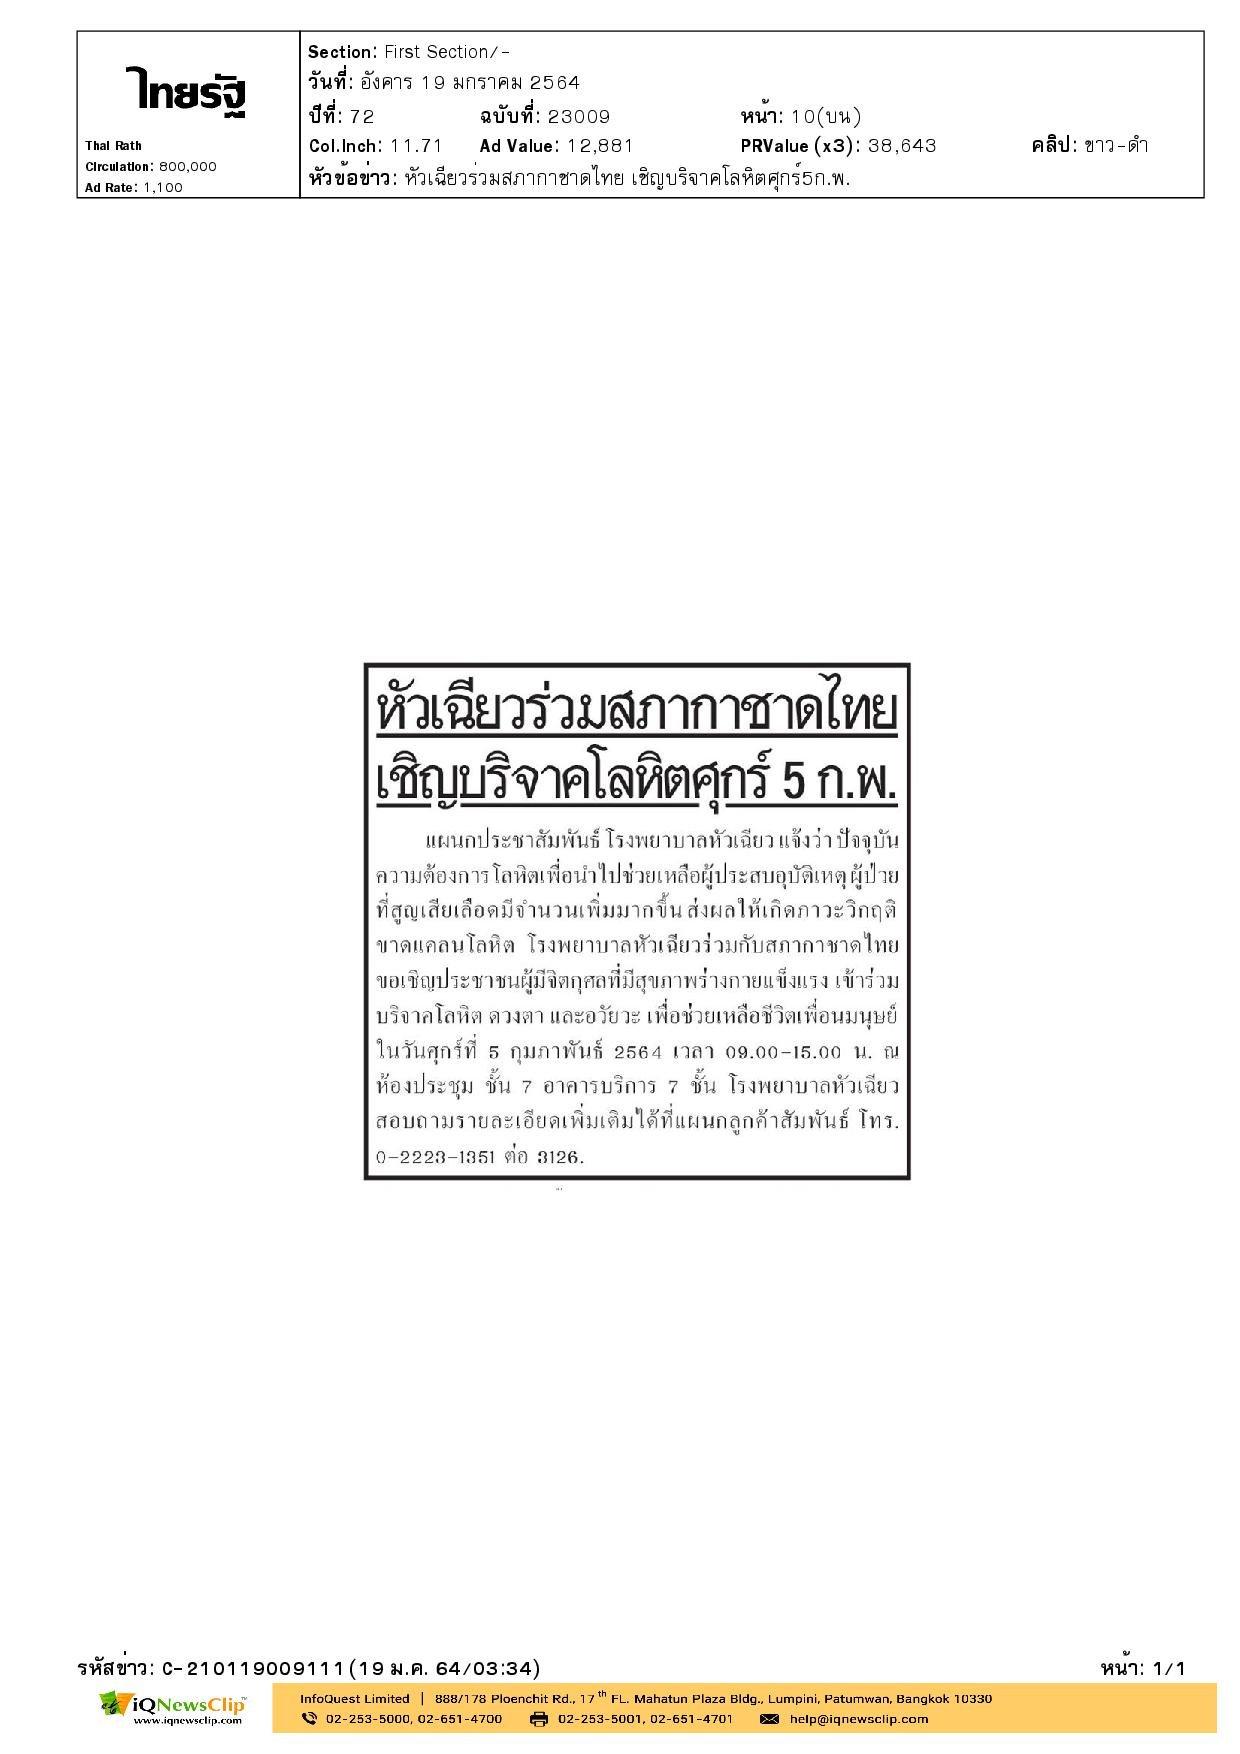 สภากาชาดไทย เชิญชวนประชาชนสุขภาพร่างกายแข็งแรง ร่วมบริจาคโลหิต ดวงตา อวัยวะ